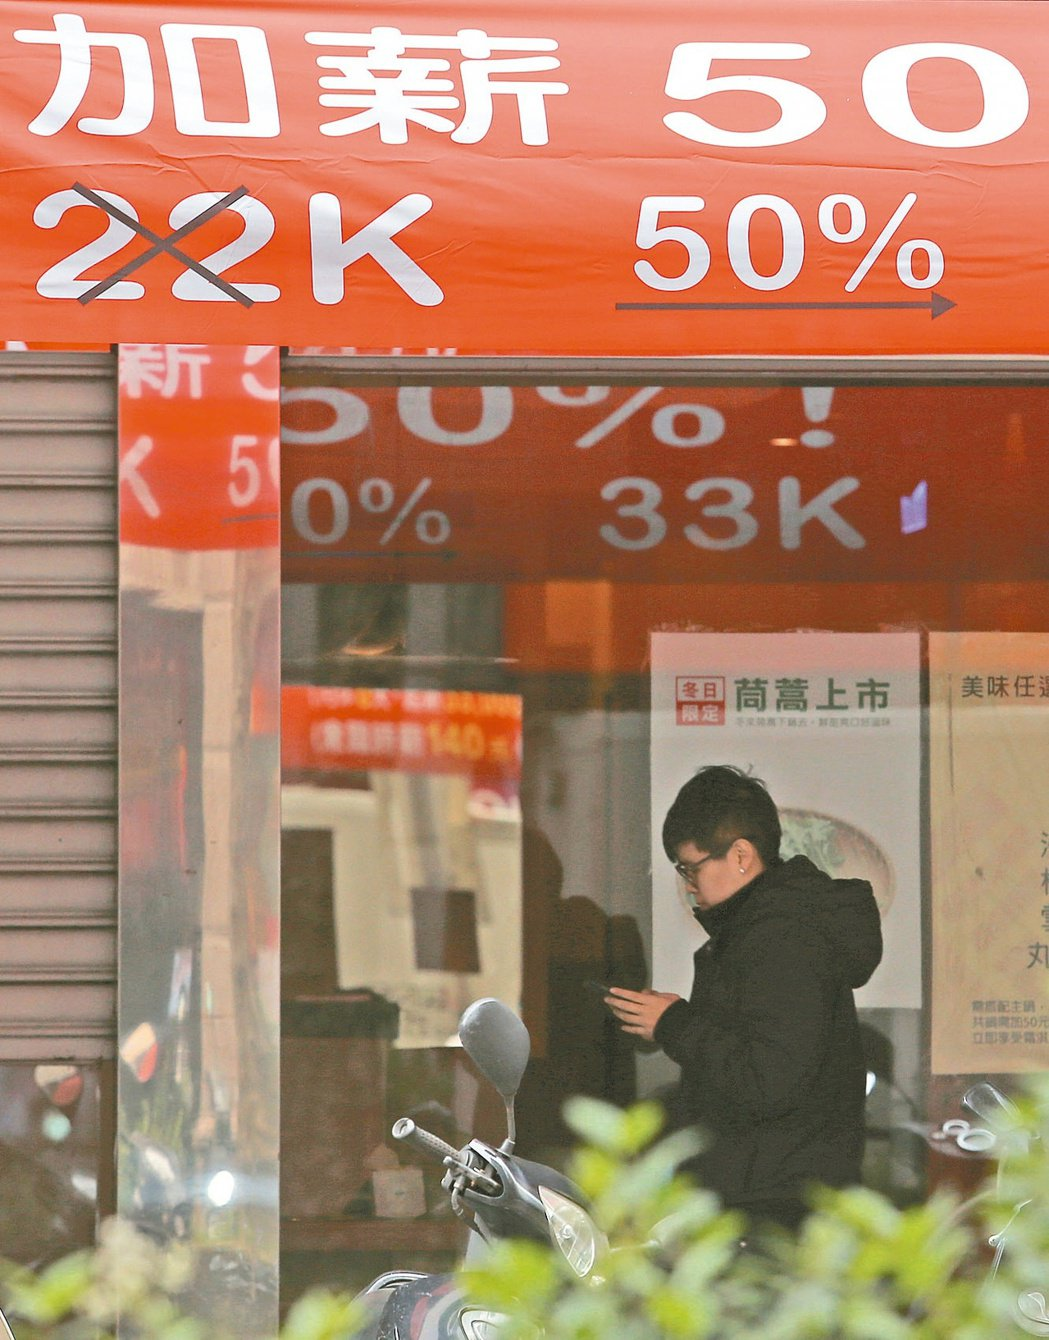 青年低薪問題日益嚴重。 報系資料照